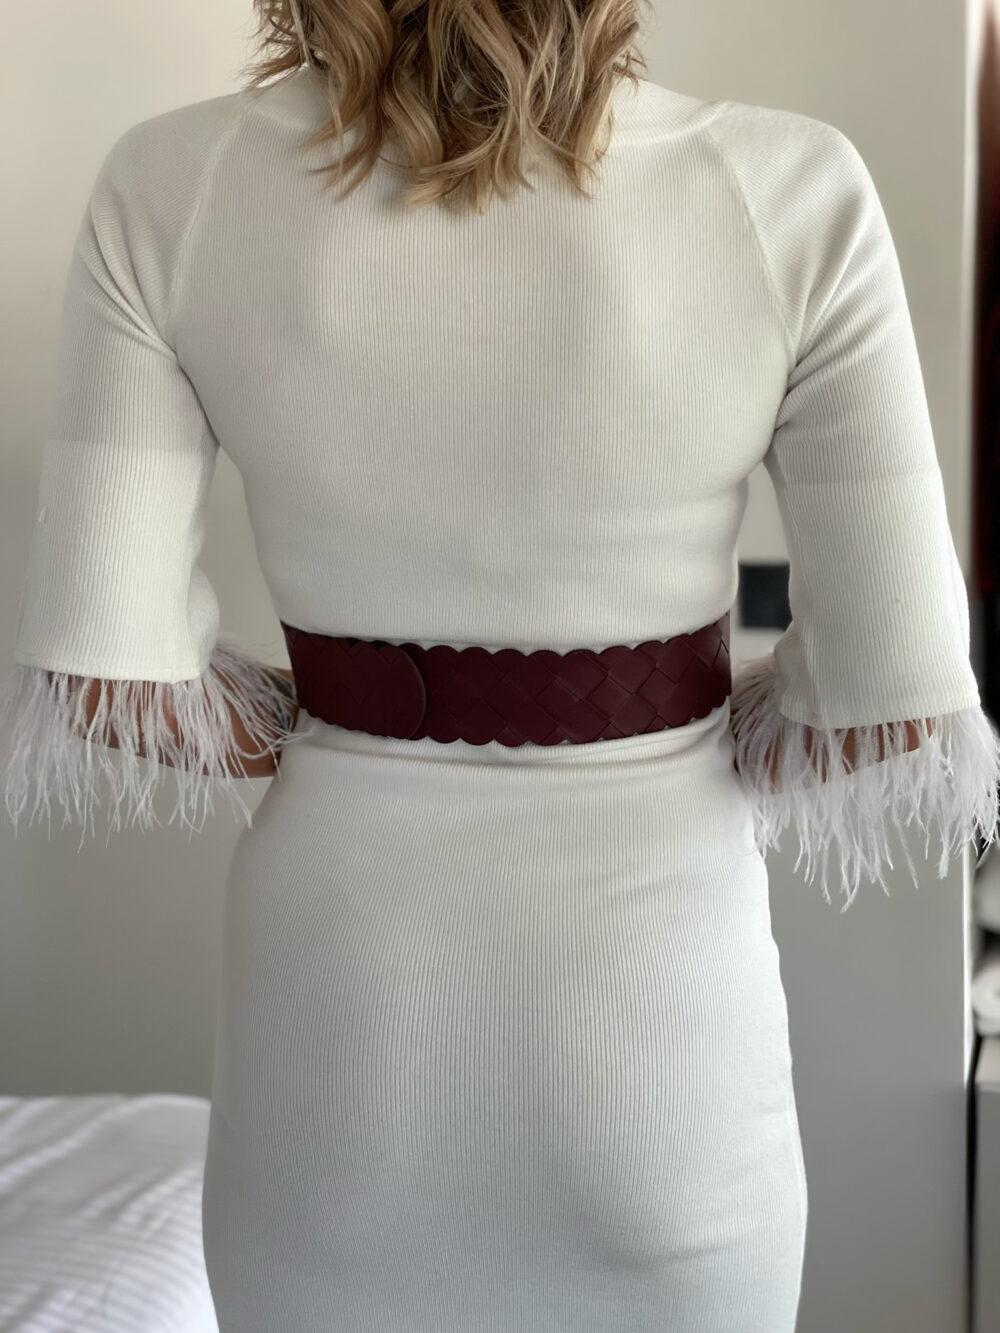 φορεμα λευκο πλεκτο κοντο με πουπουλα στα μανικια